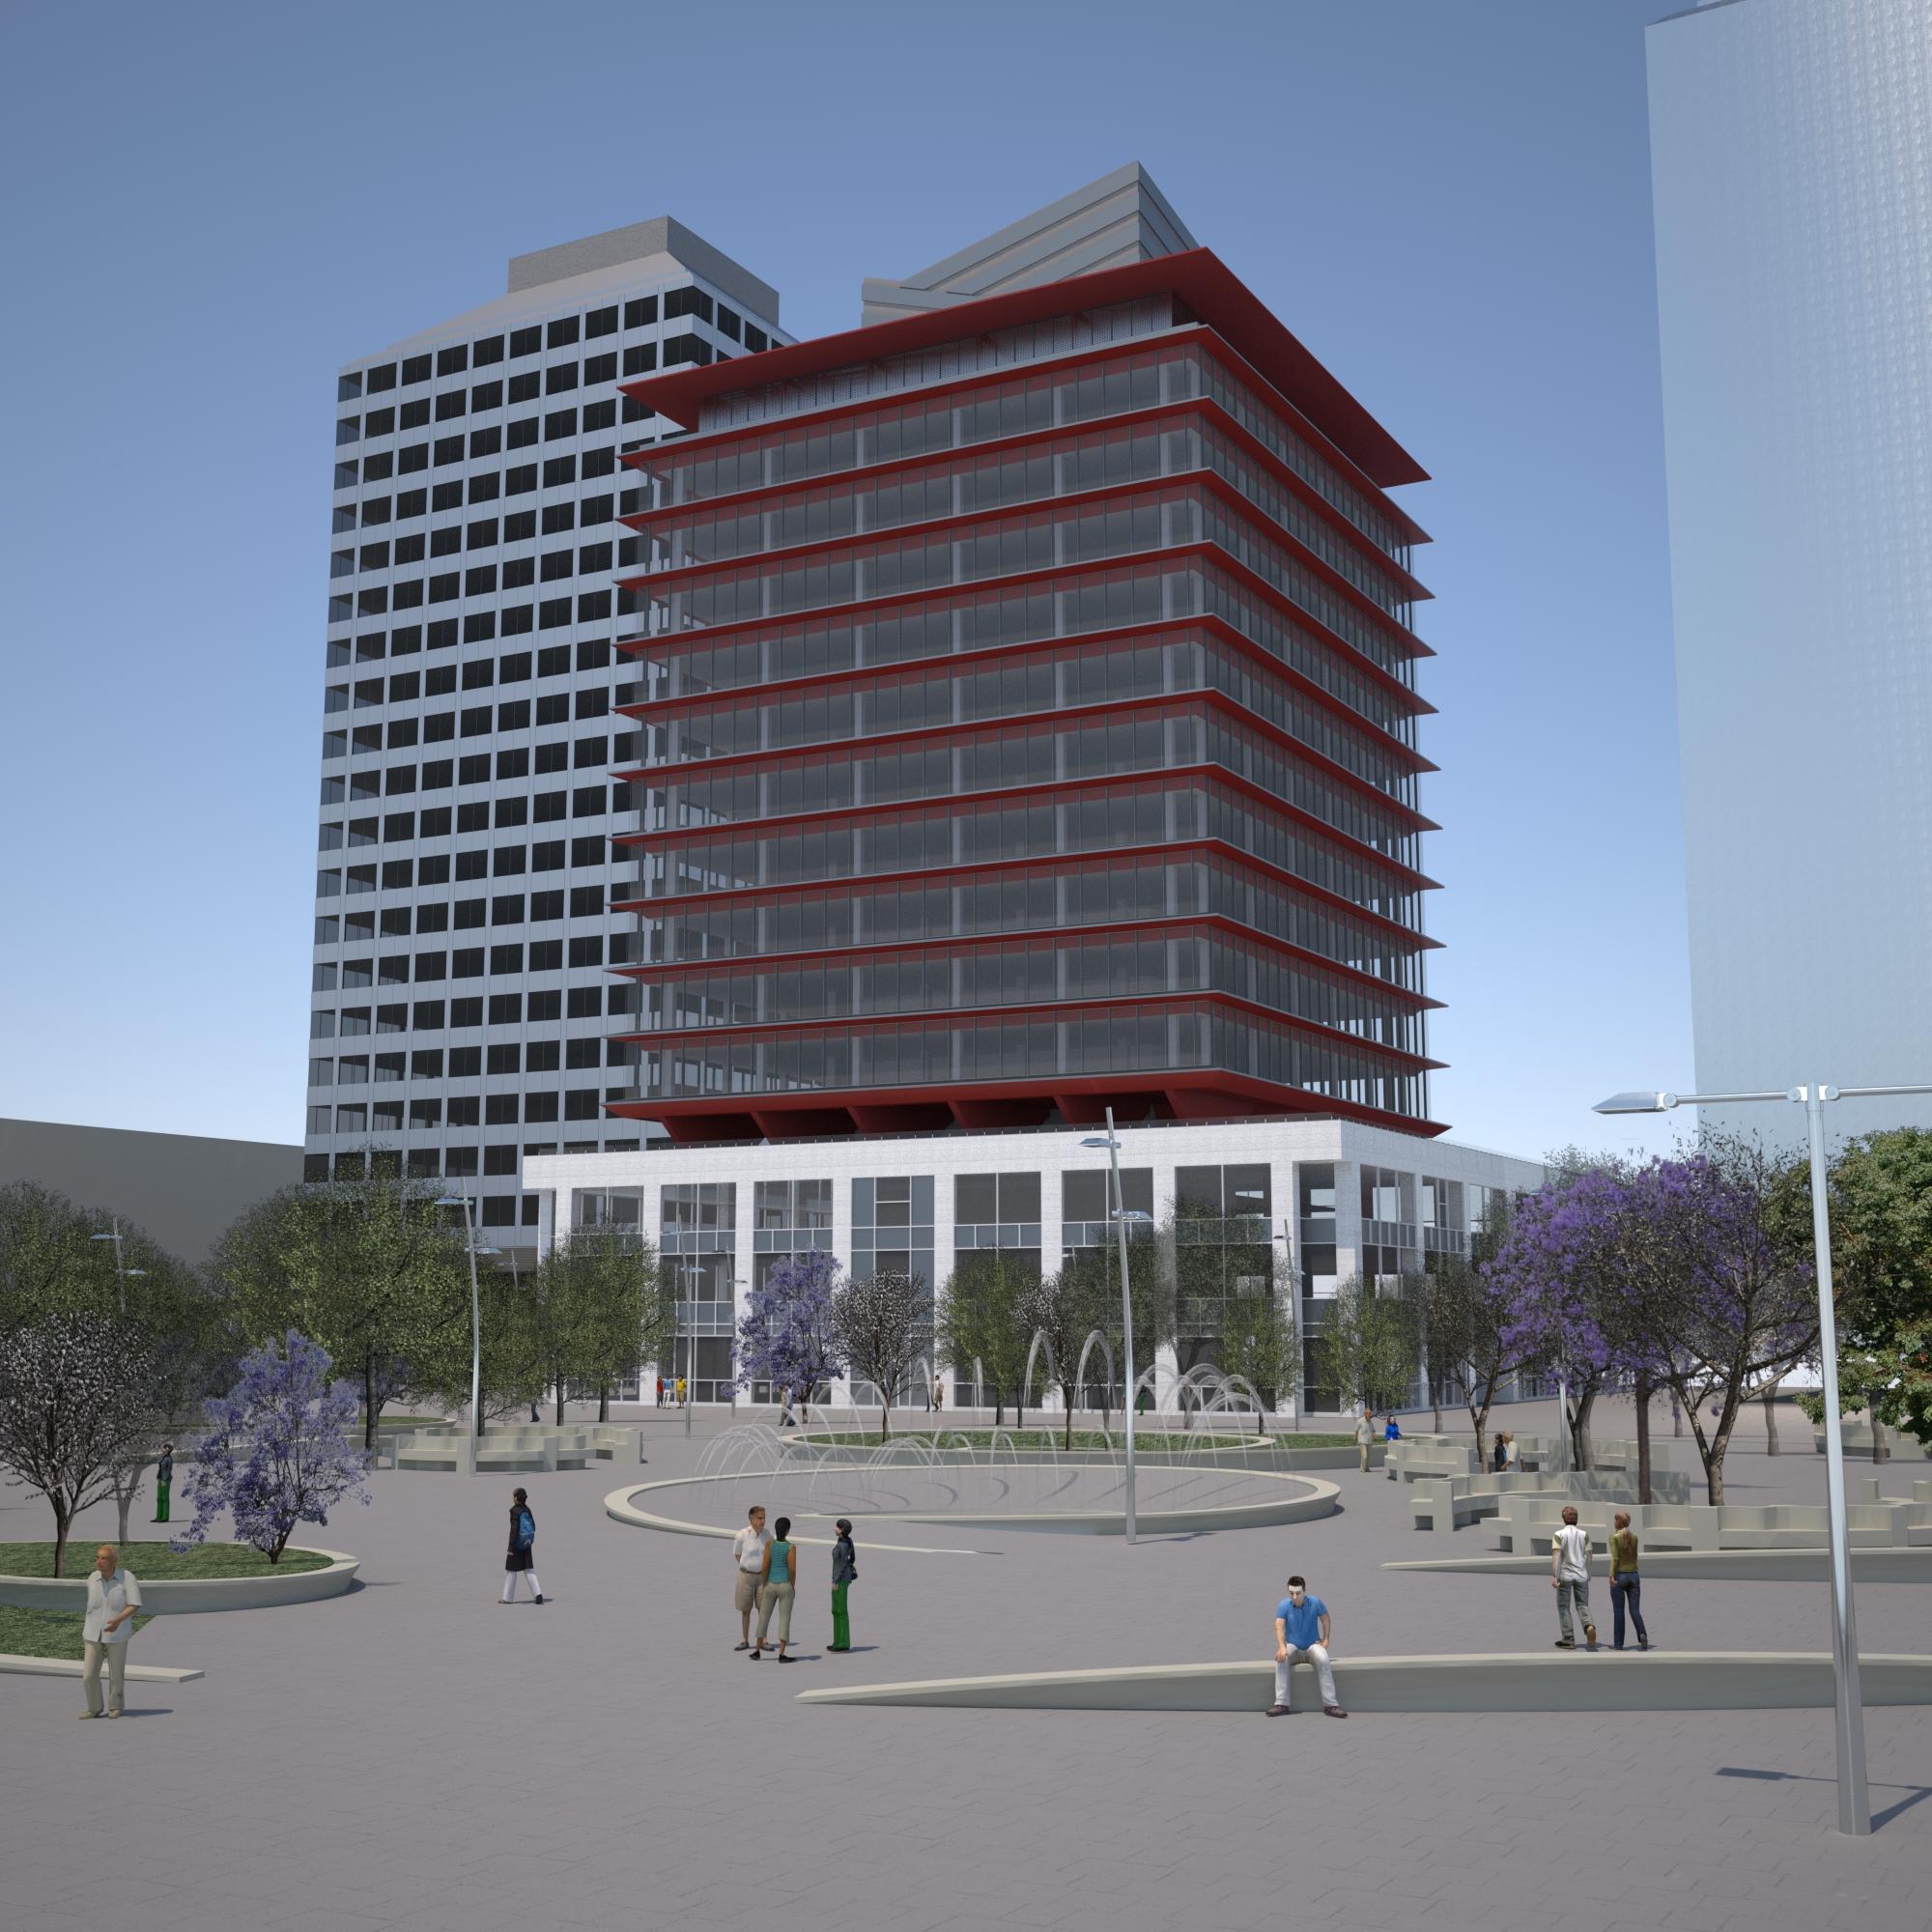 Ello breeam para el nuevo edificio torre marina de porta - Isolana barcelona ...